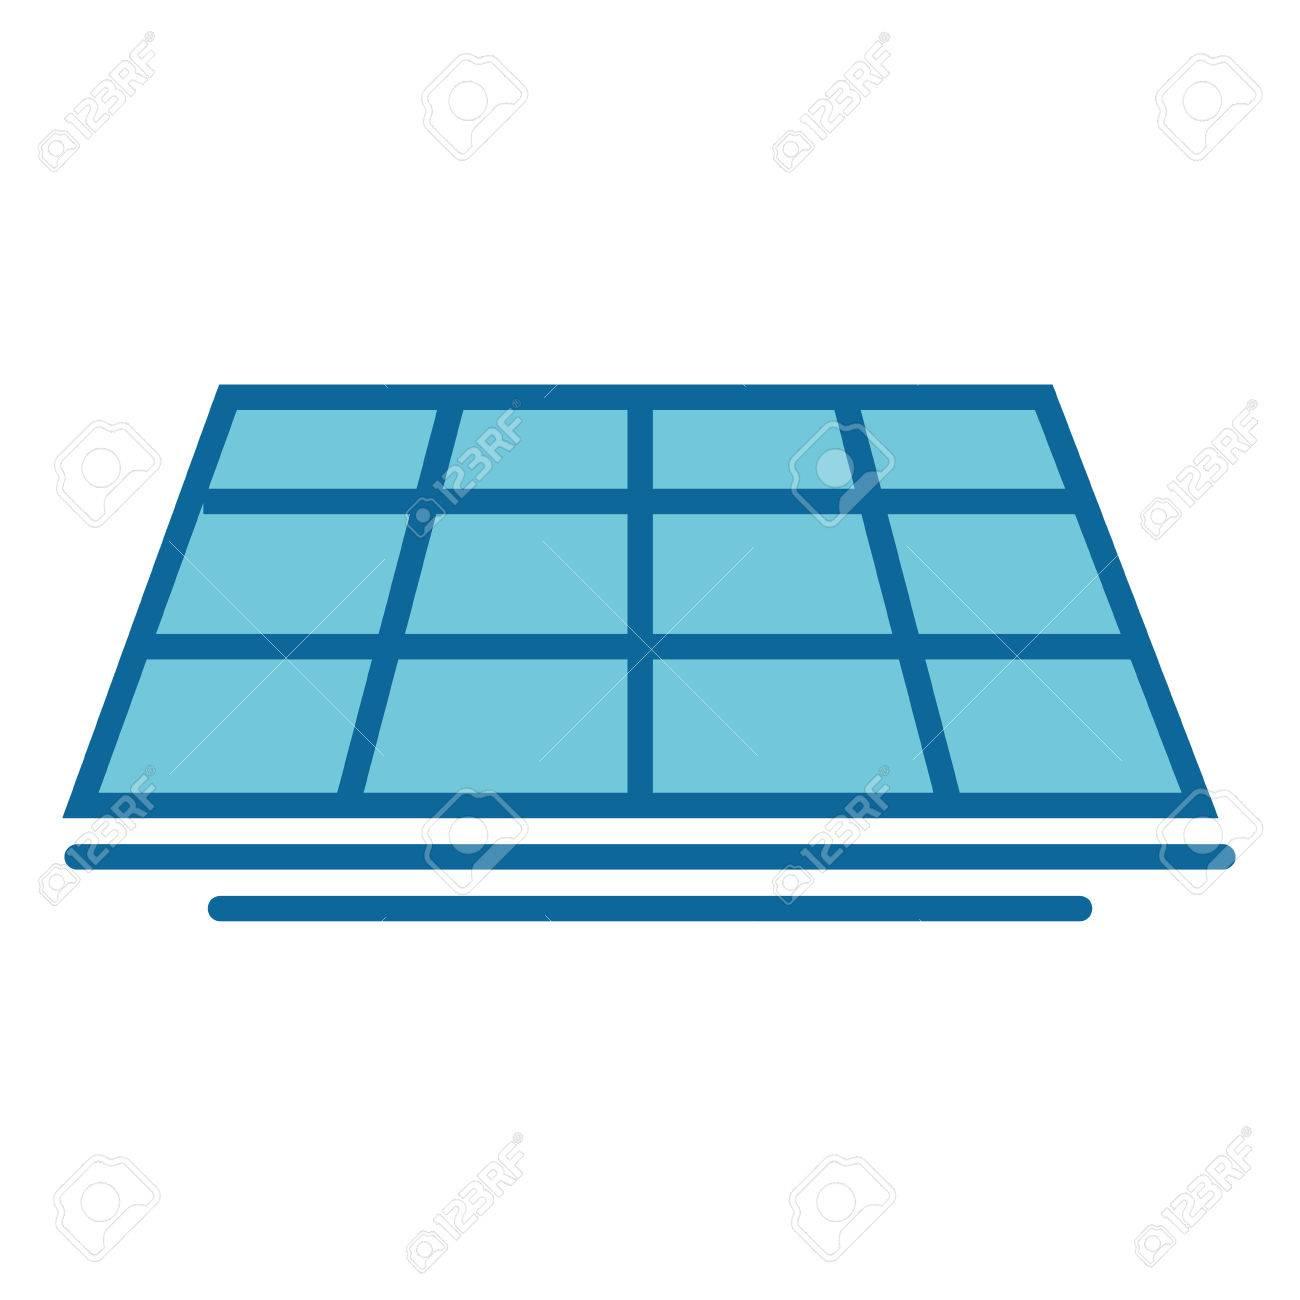 隔離された太陽電池パネルのアイコン ベクトル イラスト グラフィック